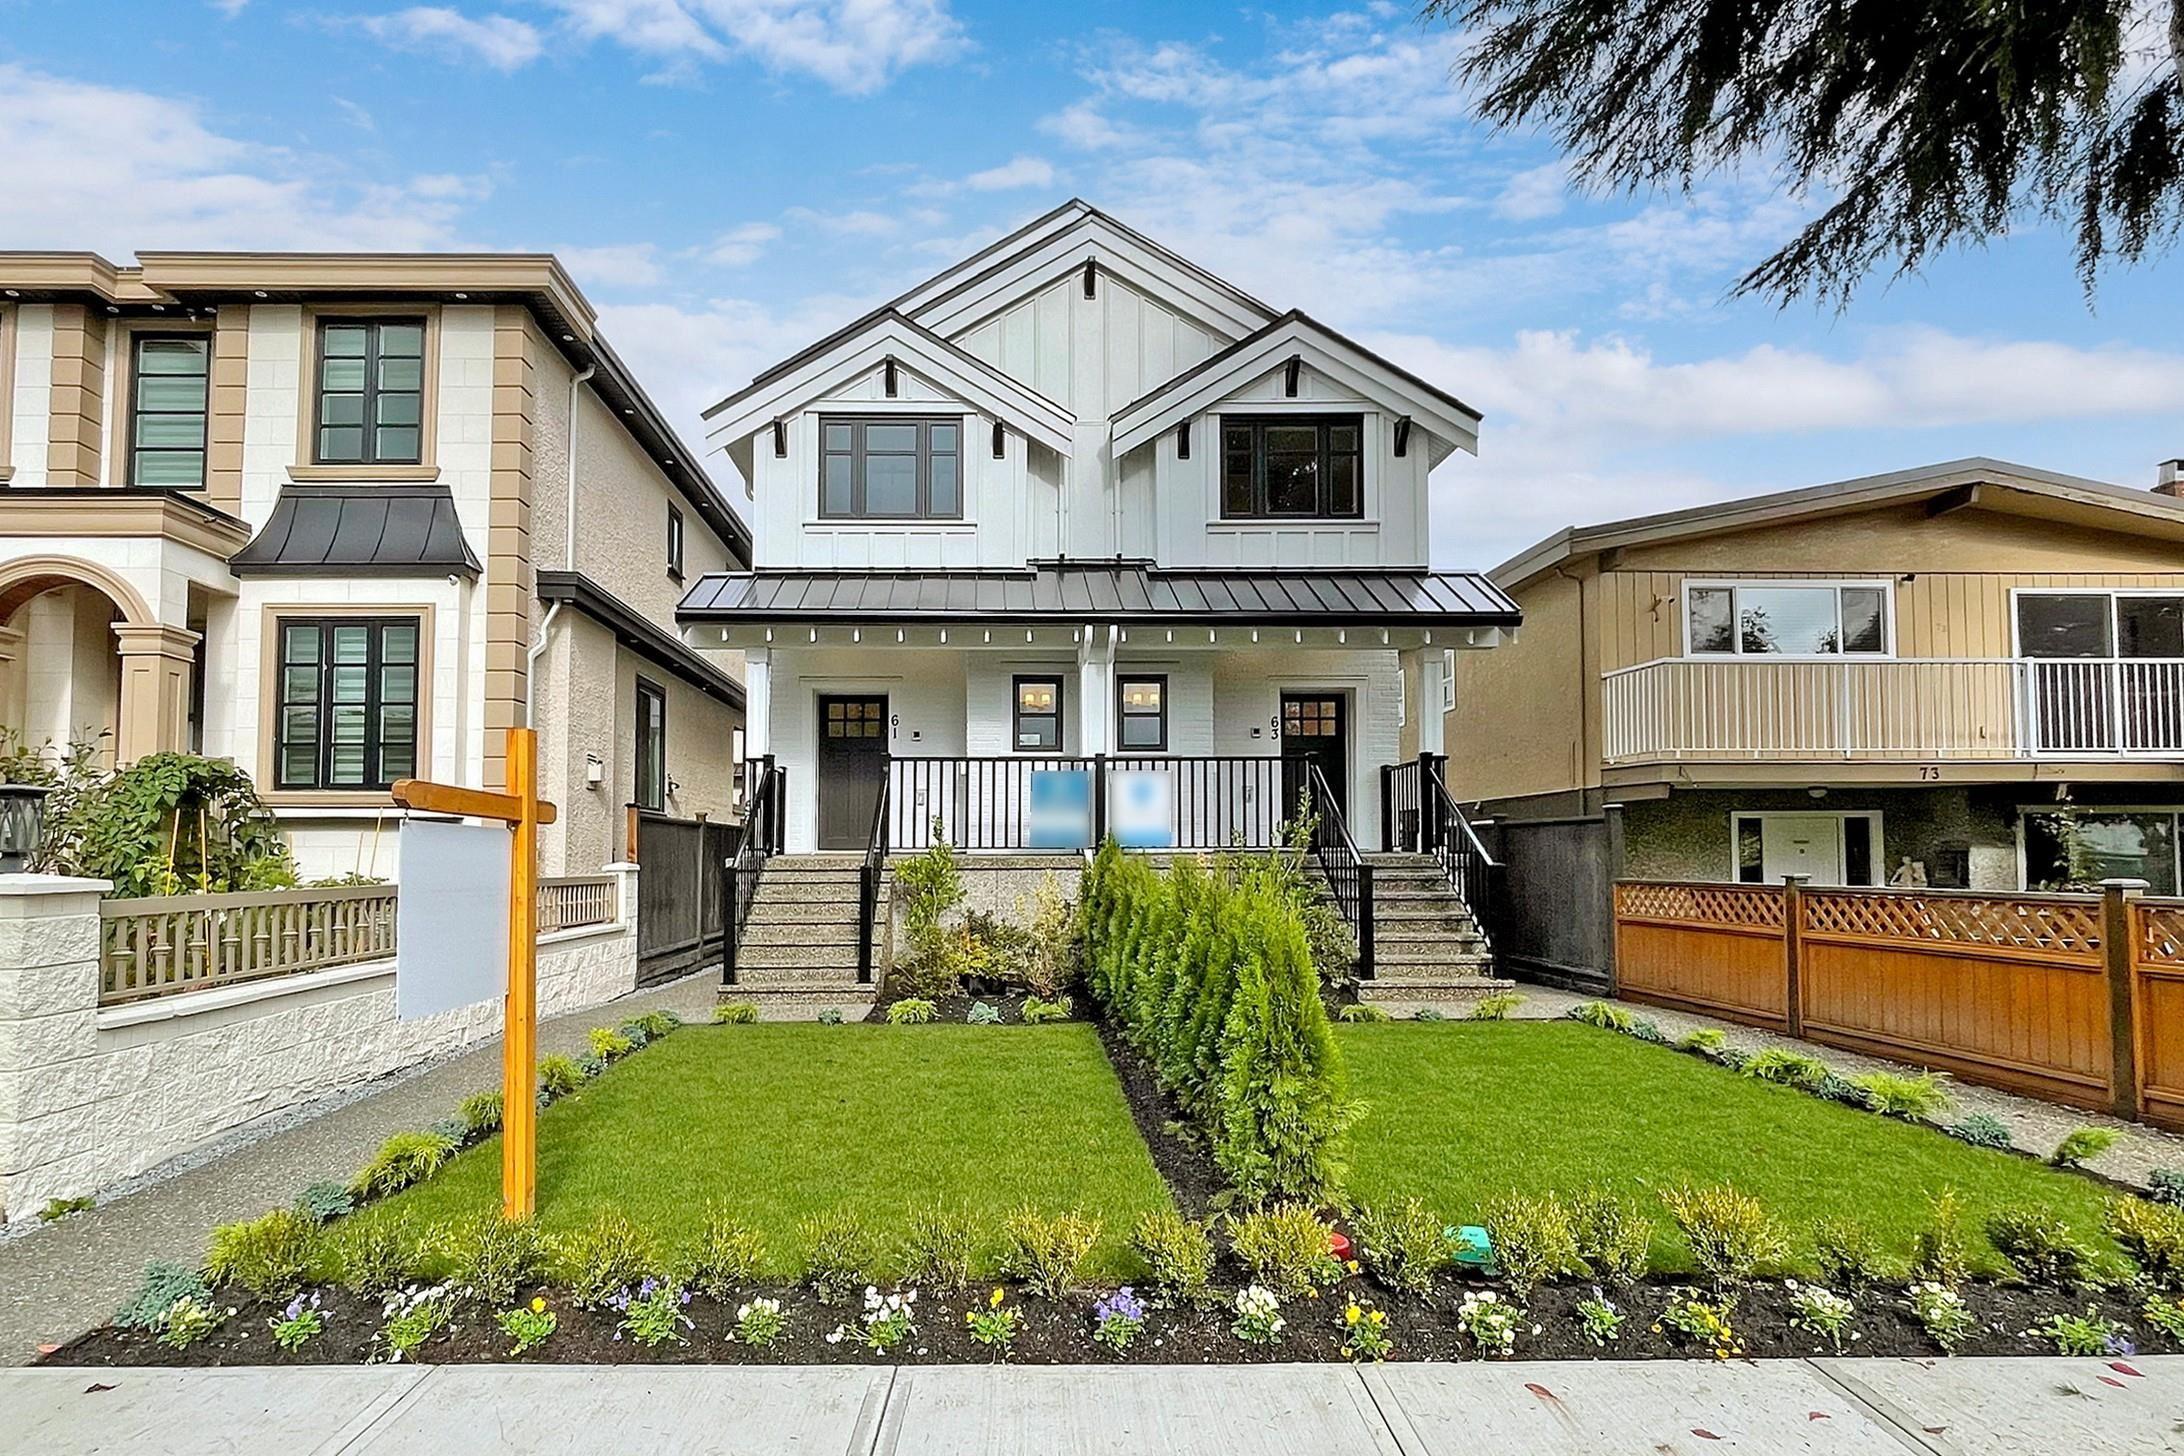 61 E 53RD AVENUE - South Vancouver 1/2 Duplex for sale, 4 Bedrooms (R2620391) - #1